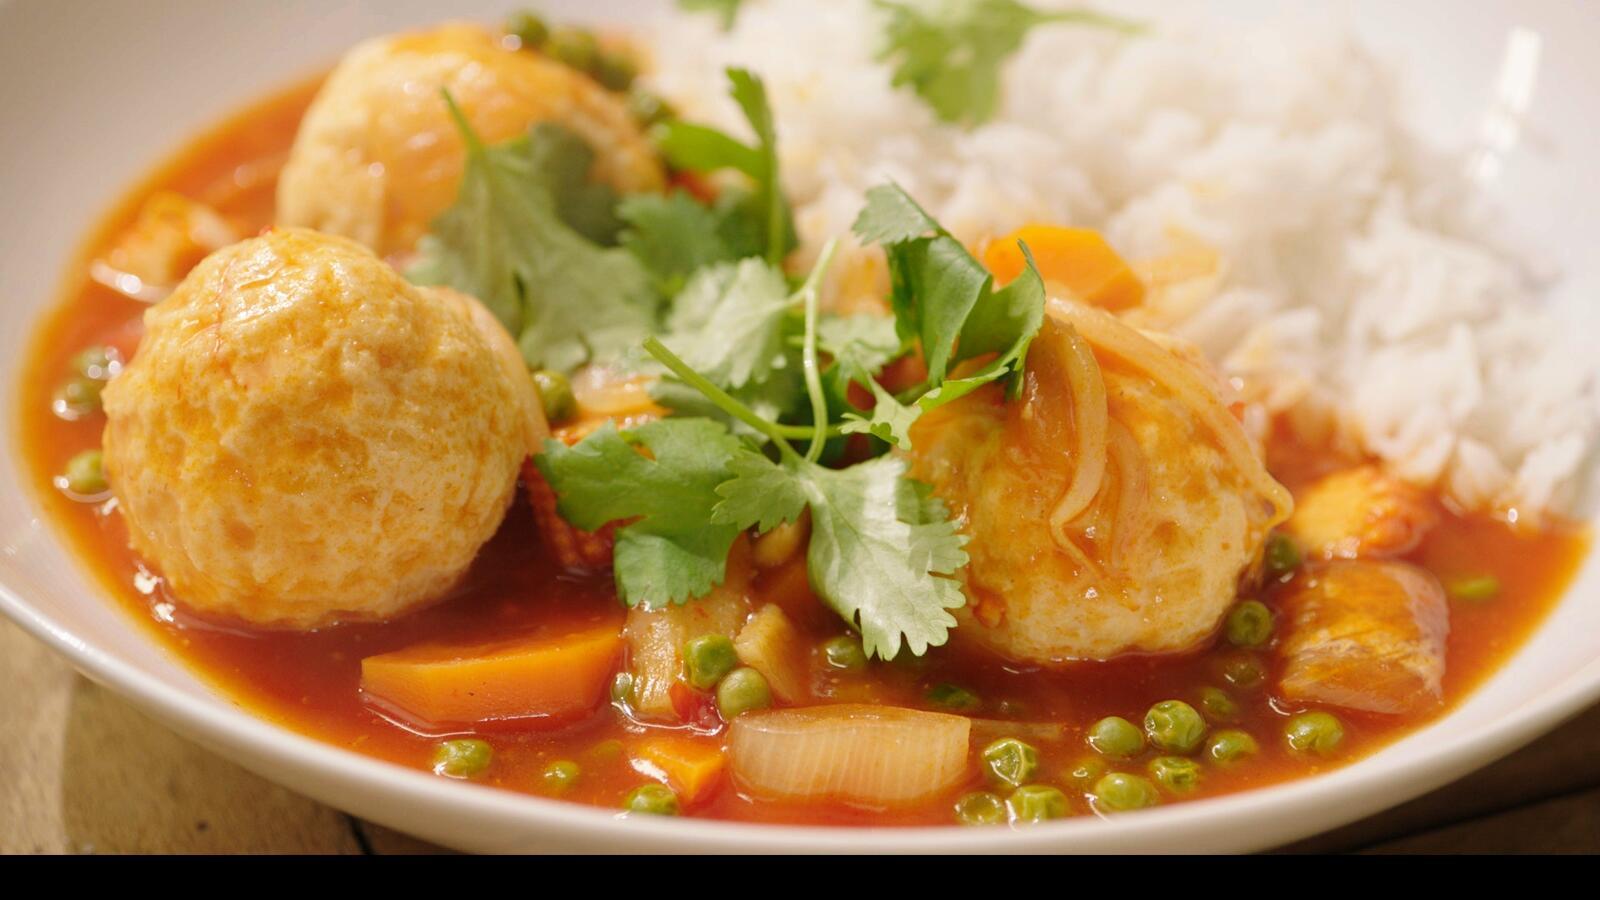 Visballetjes in zoetzure saus met rijst